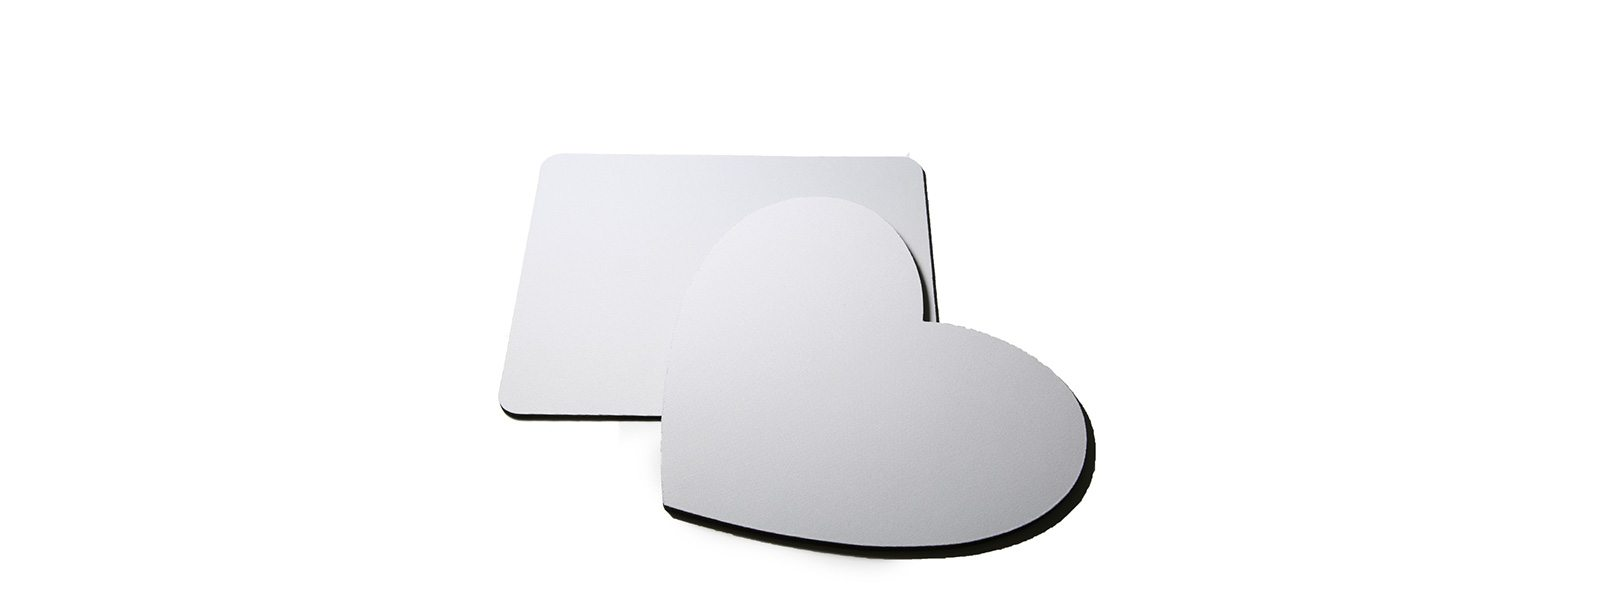 HEIMA Mousepads